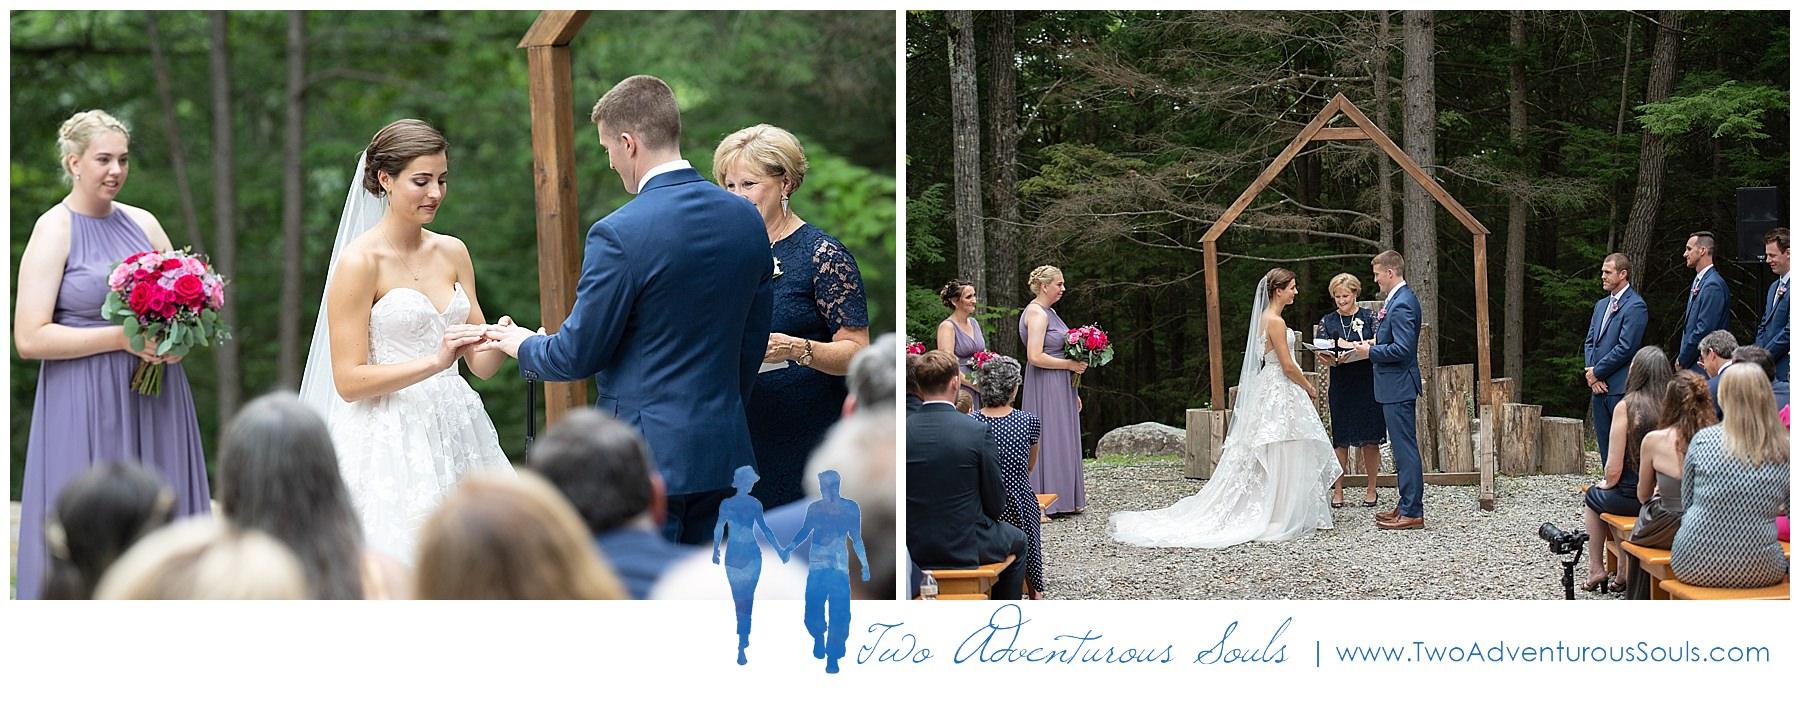 Maine Wedding Photographers, Granite Ridge Estate Wedding Photographers, Two Adventurous Souls - 080319_0041.jpg